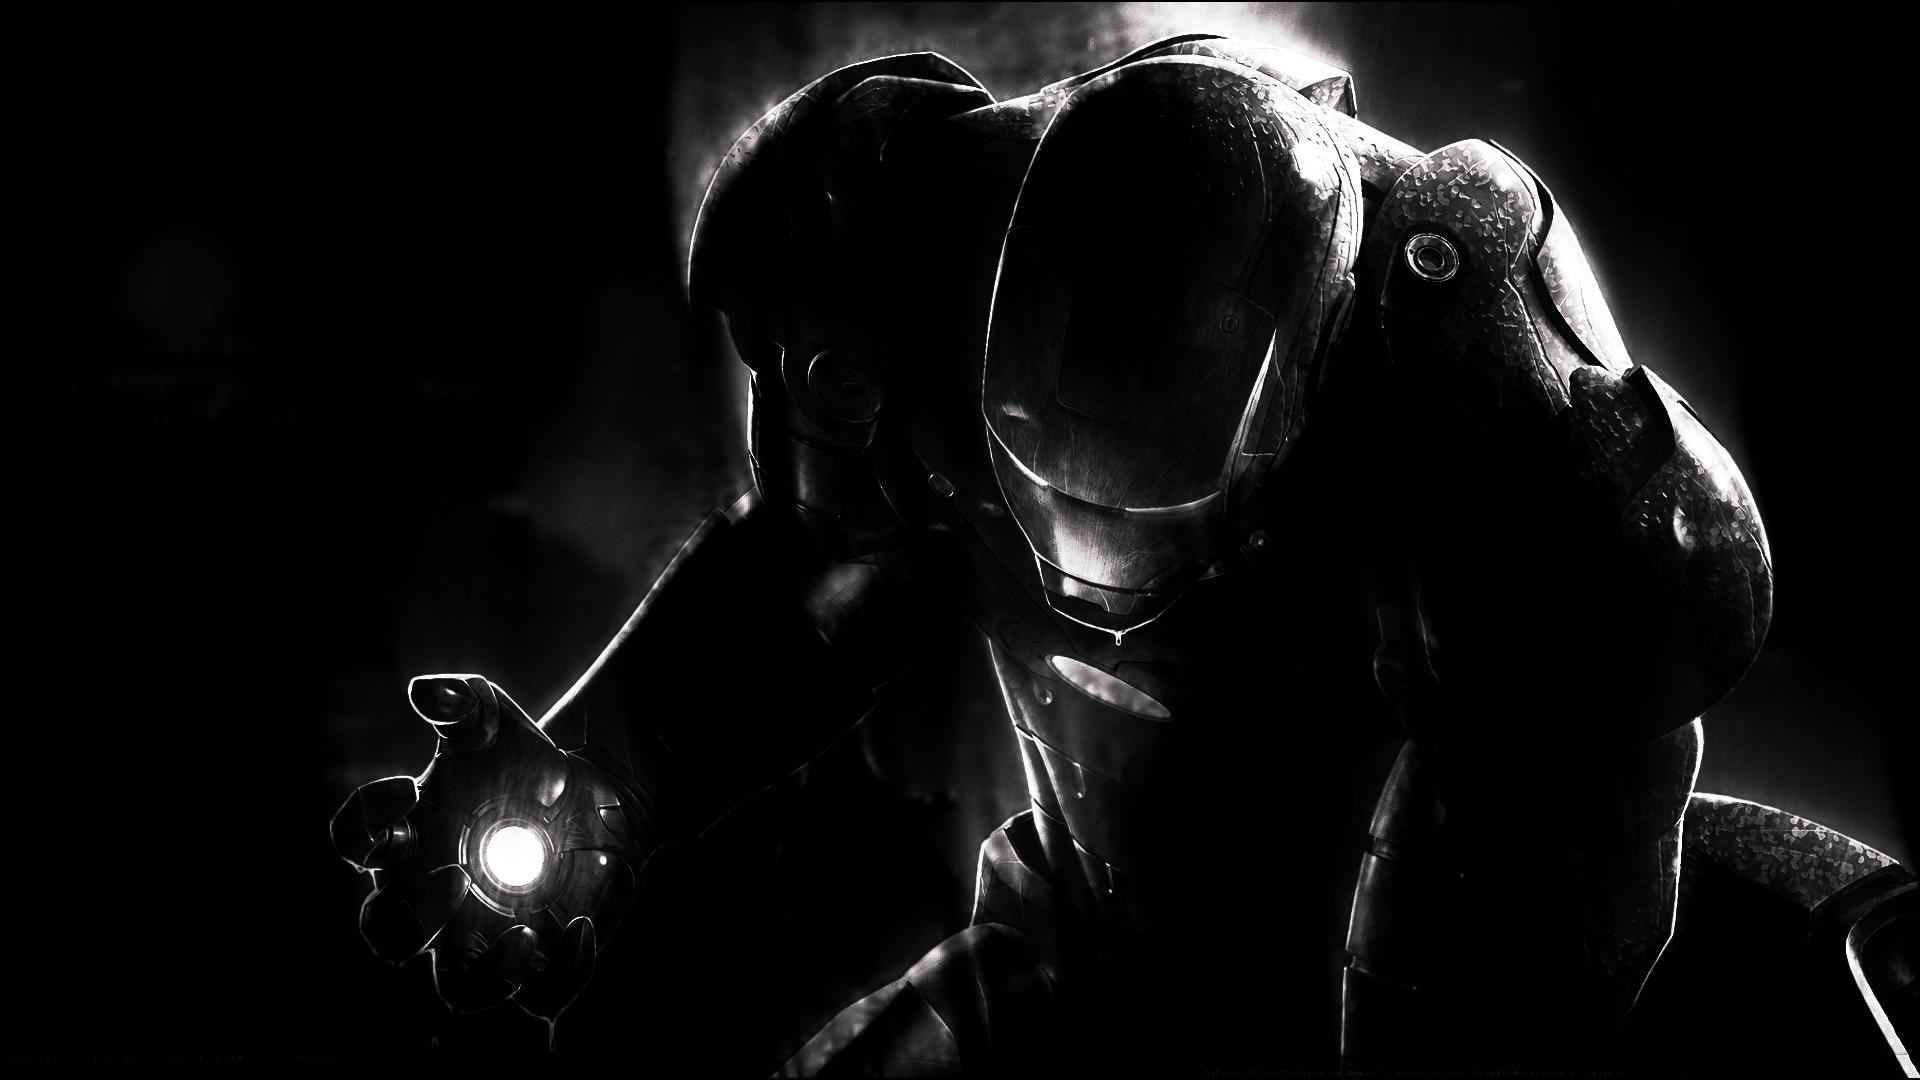 Hình nền đen Iron man cực đẹp